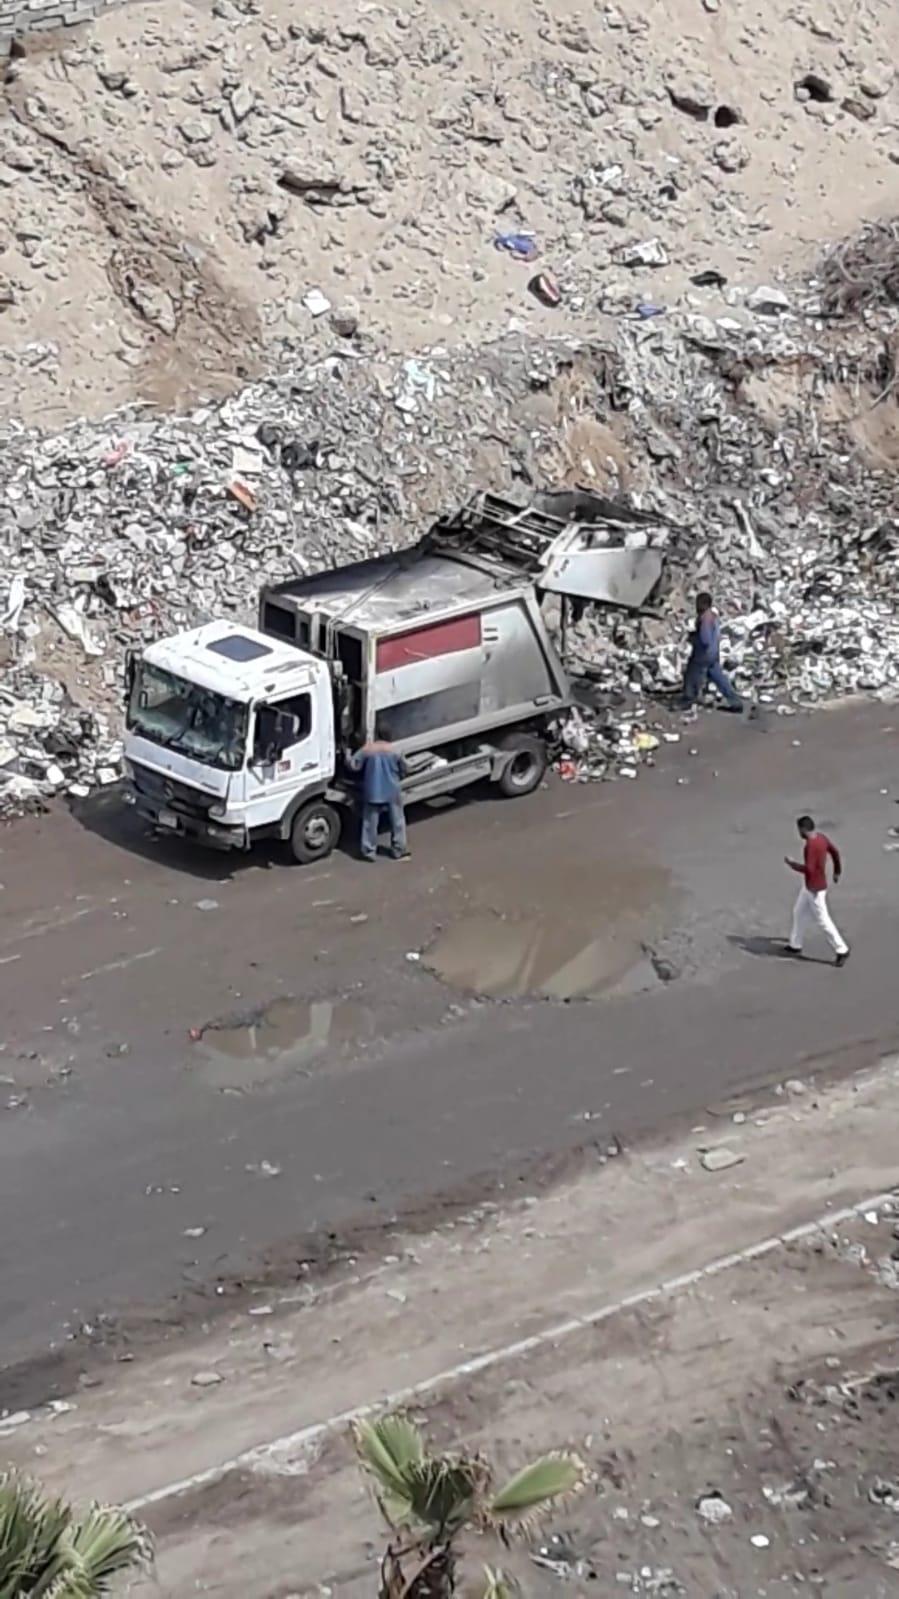 سيارة حى تفرغ القمامة بالشارع